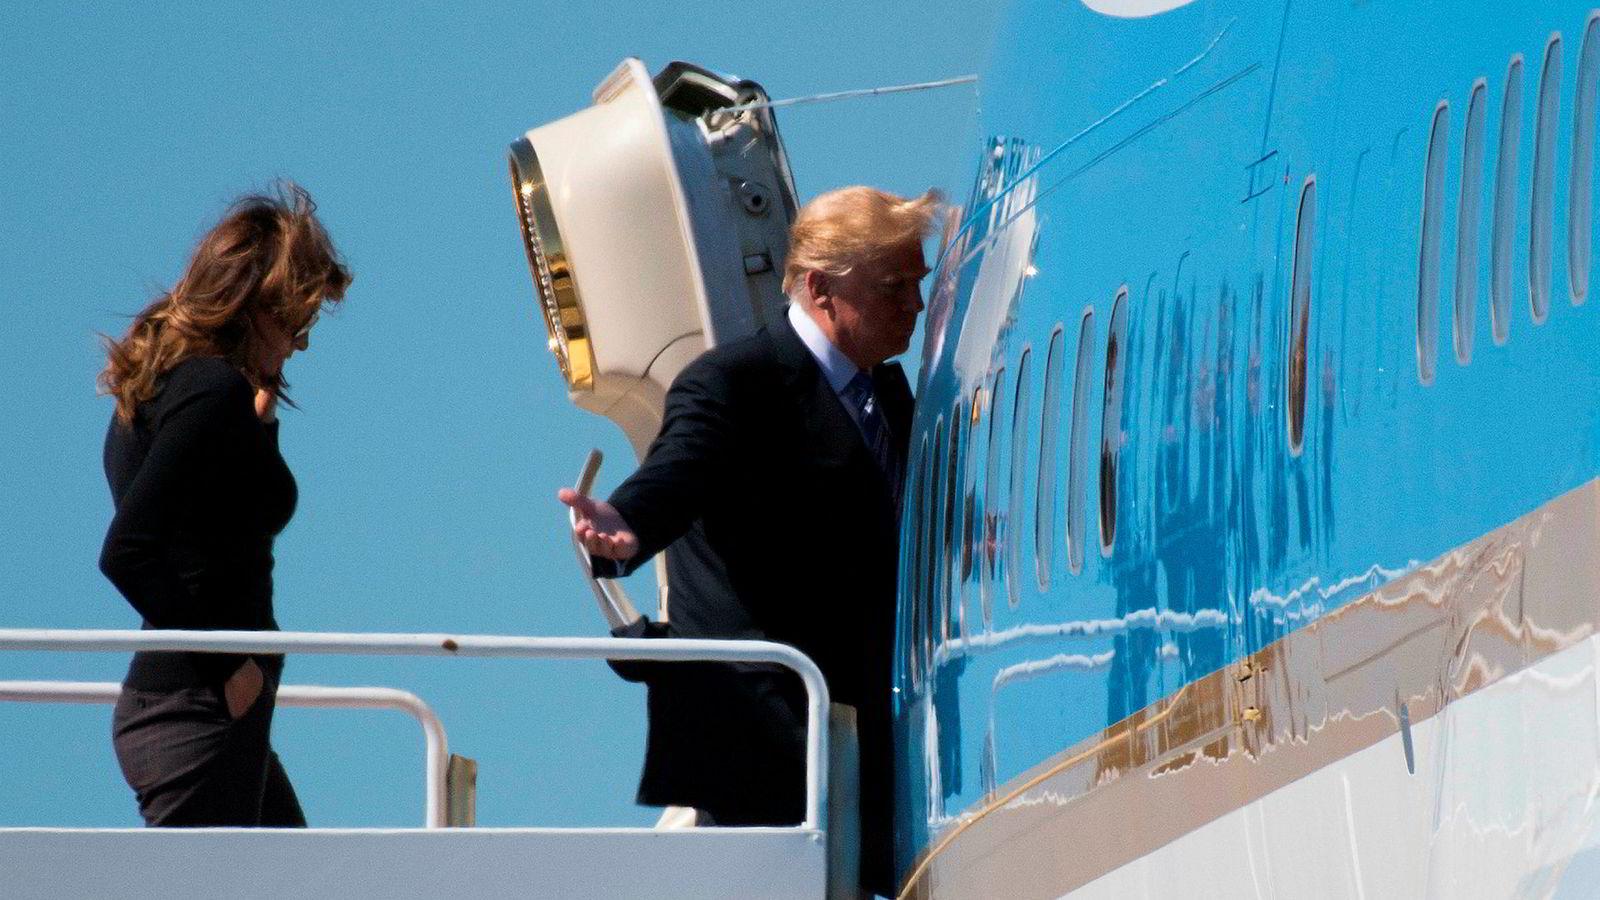 Donald Trump har vært i vinden denne uken med usedvanlig mye raseri og kaos. Her på vei tilbake til Washington med Air Force One fra Palm Beach, Florida lørdag, sammen med førstedamen Melania Trump.